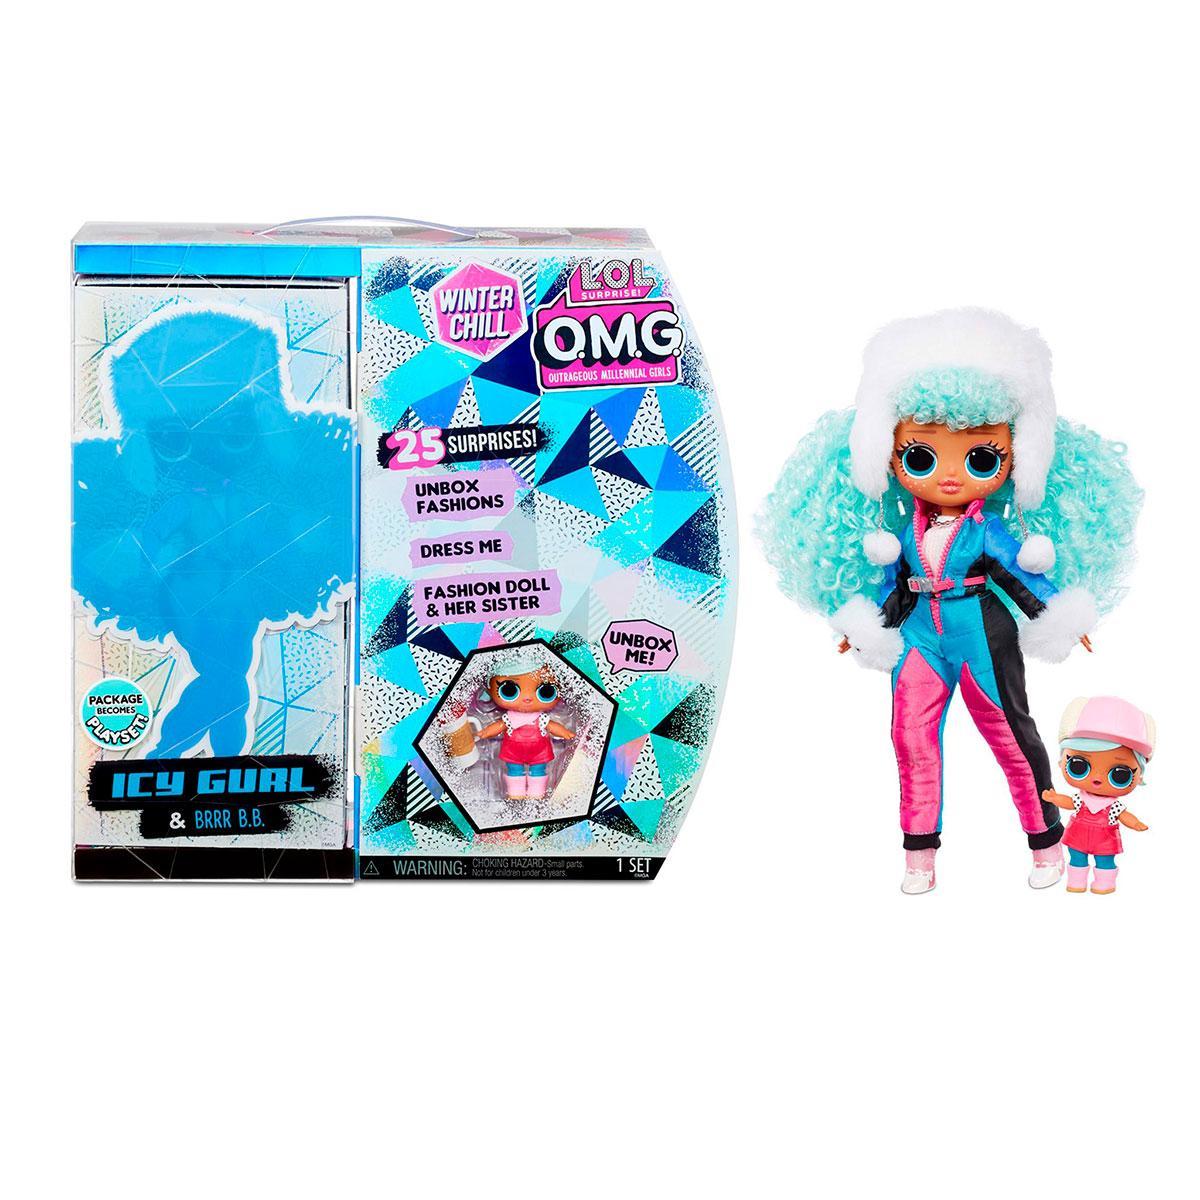 """Ігровий набір з лялькою L.O.L. Surprise! серії O.M.G Winter Chill"""" - Крижана Леді"""" 570240"""